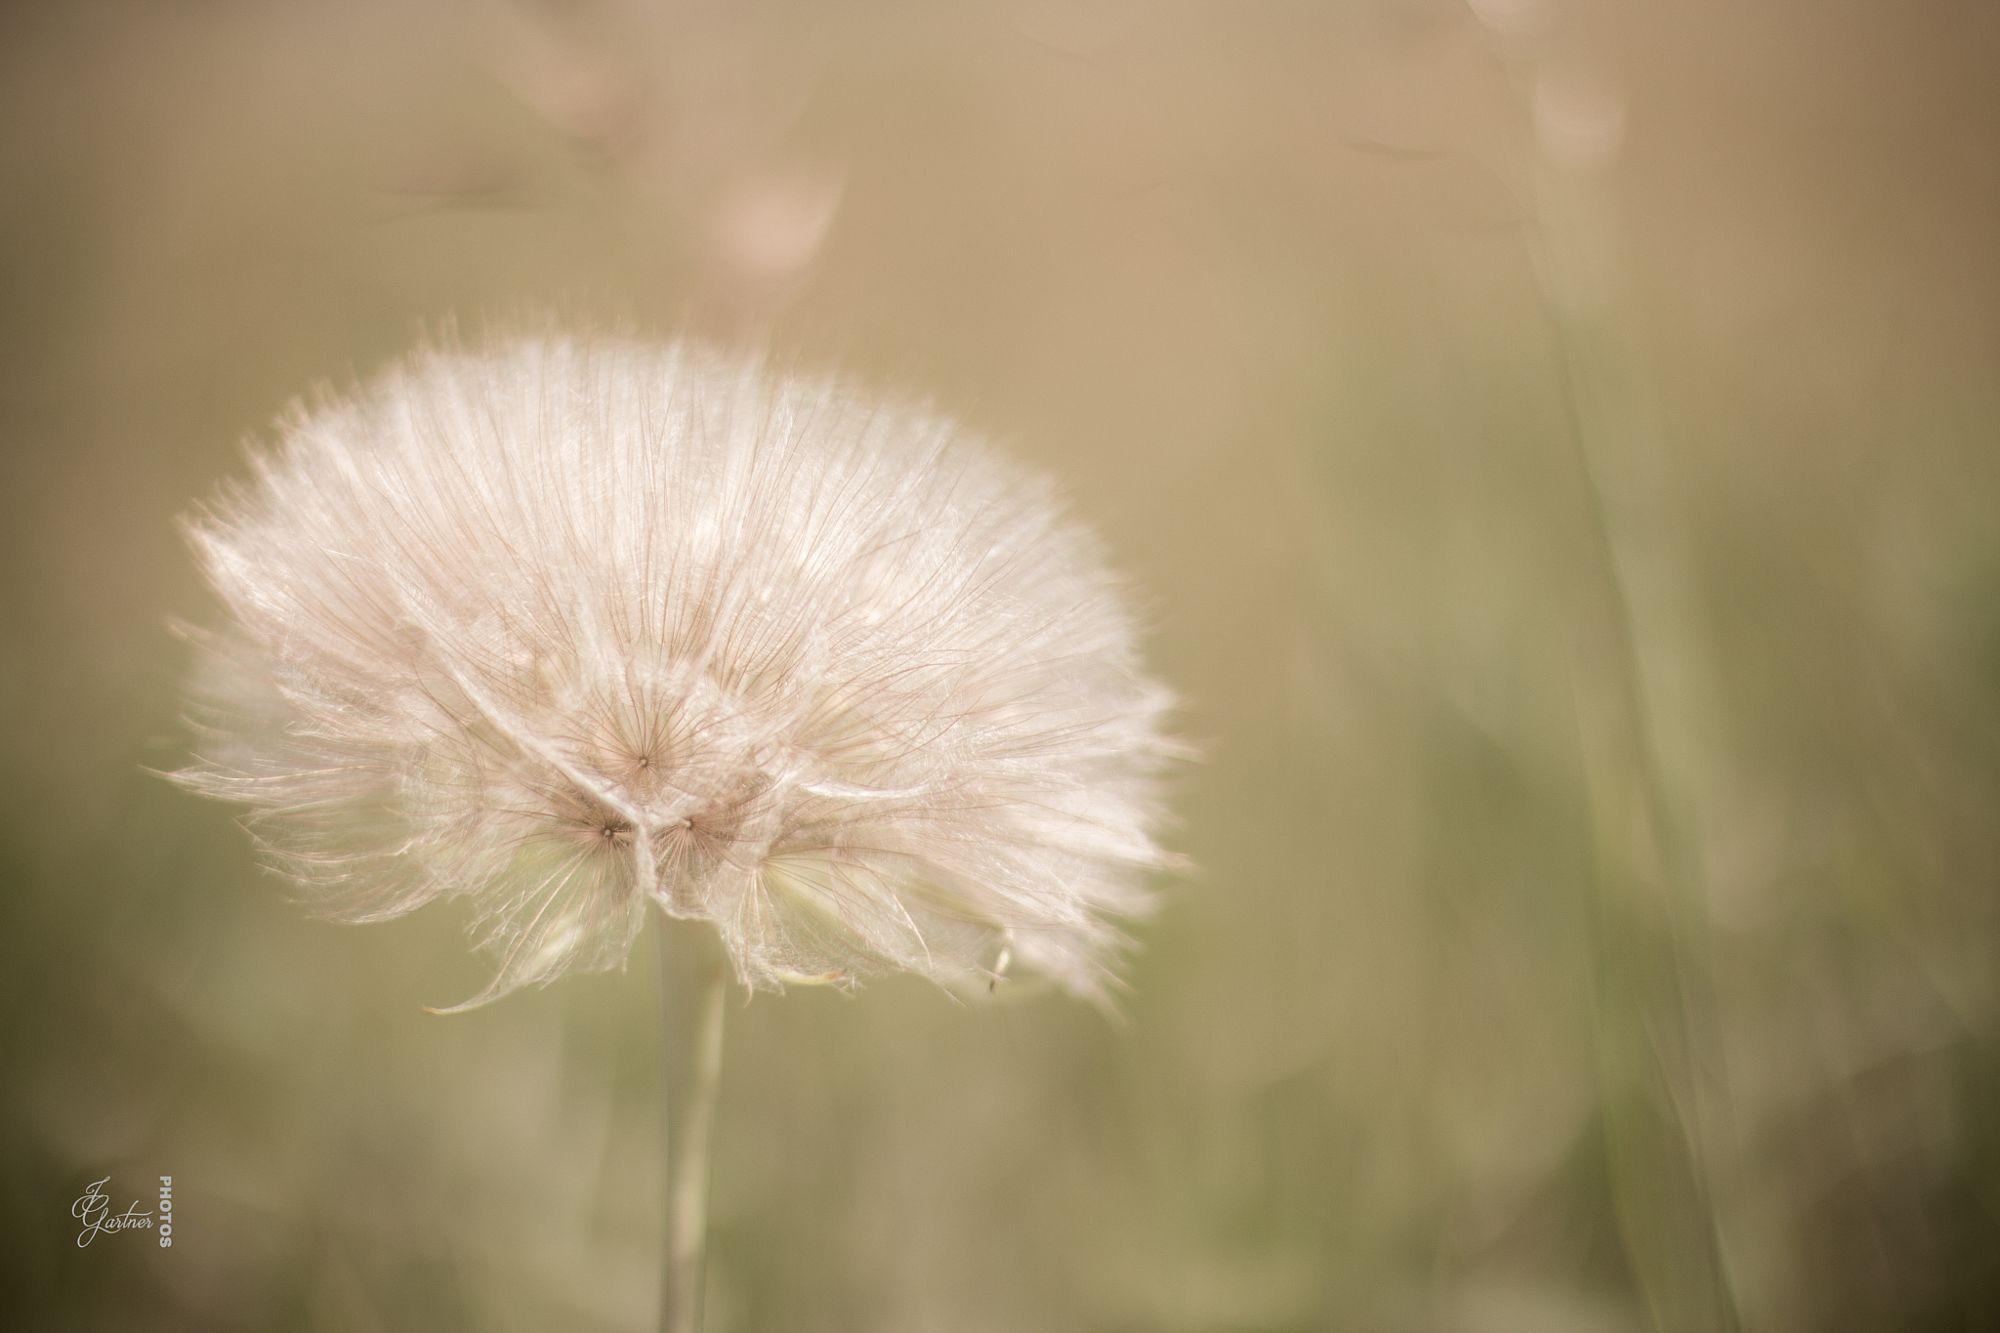 Magical Dandelion by Jackie Gartner